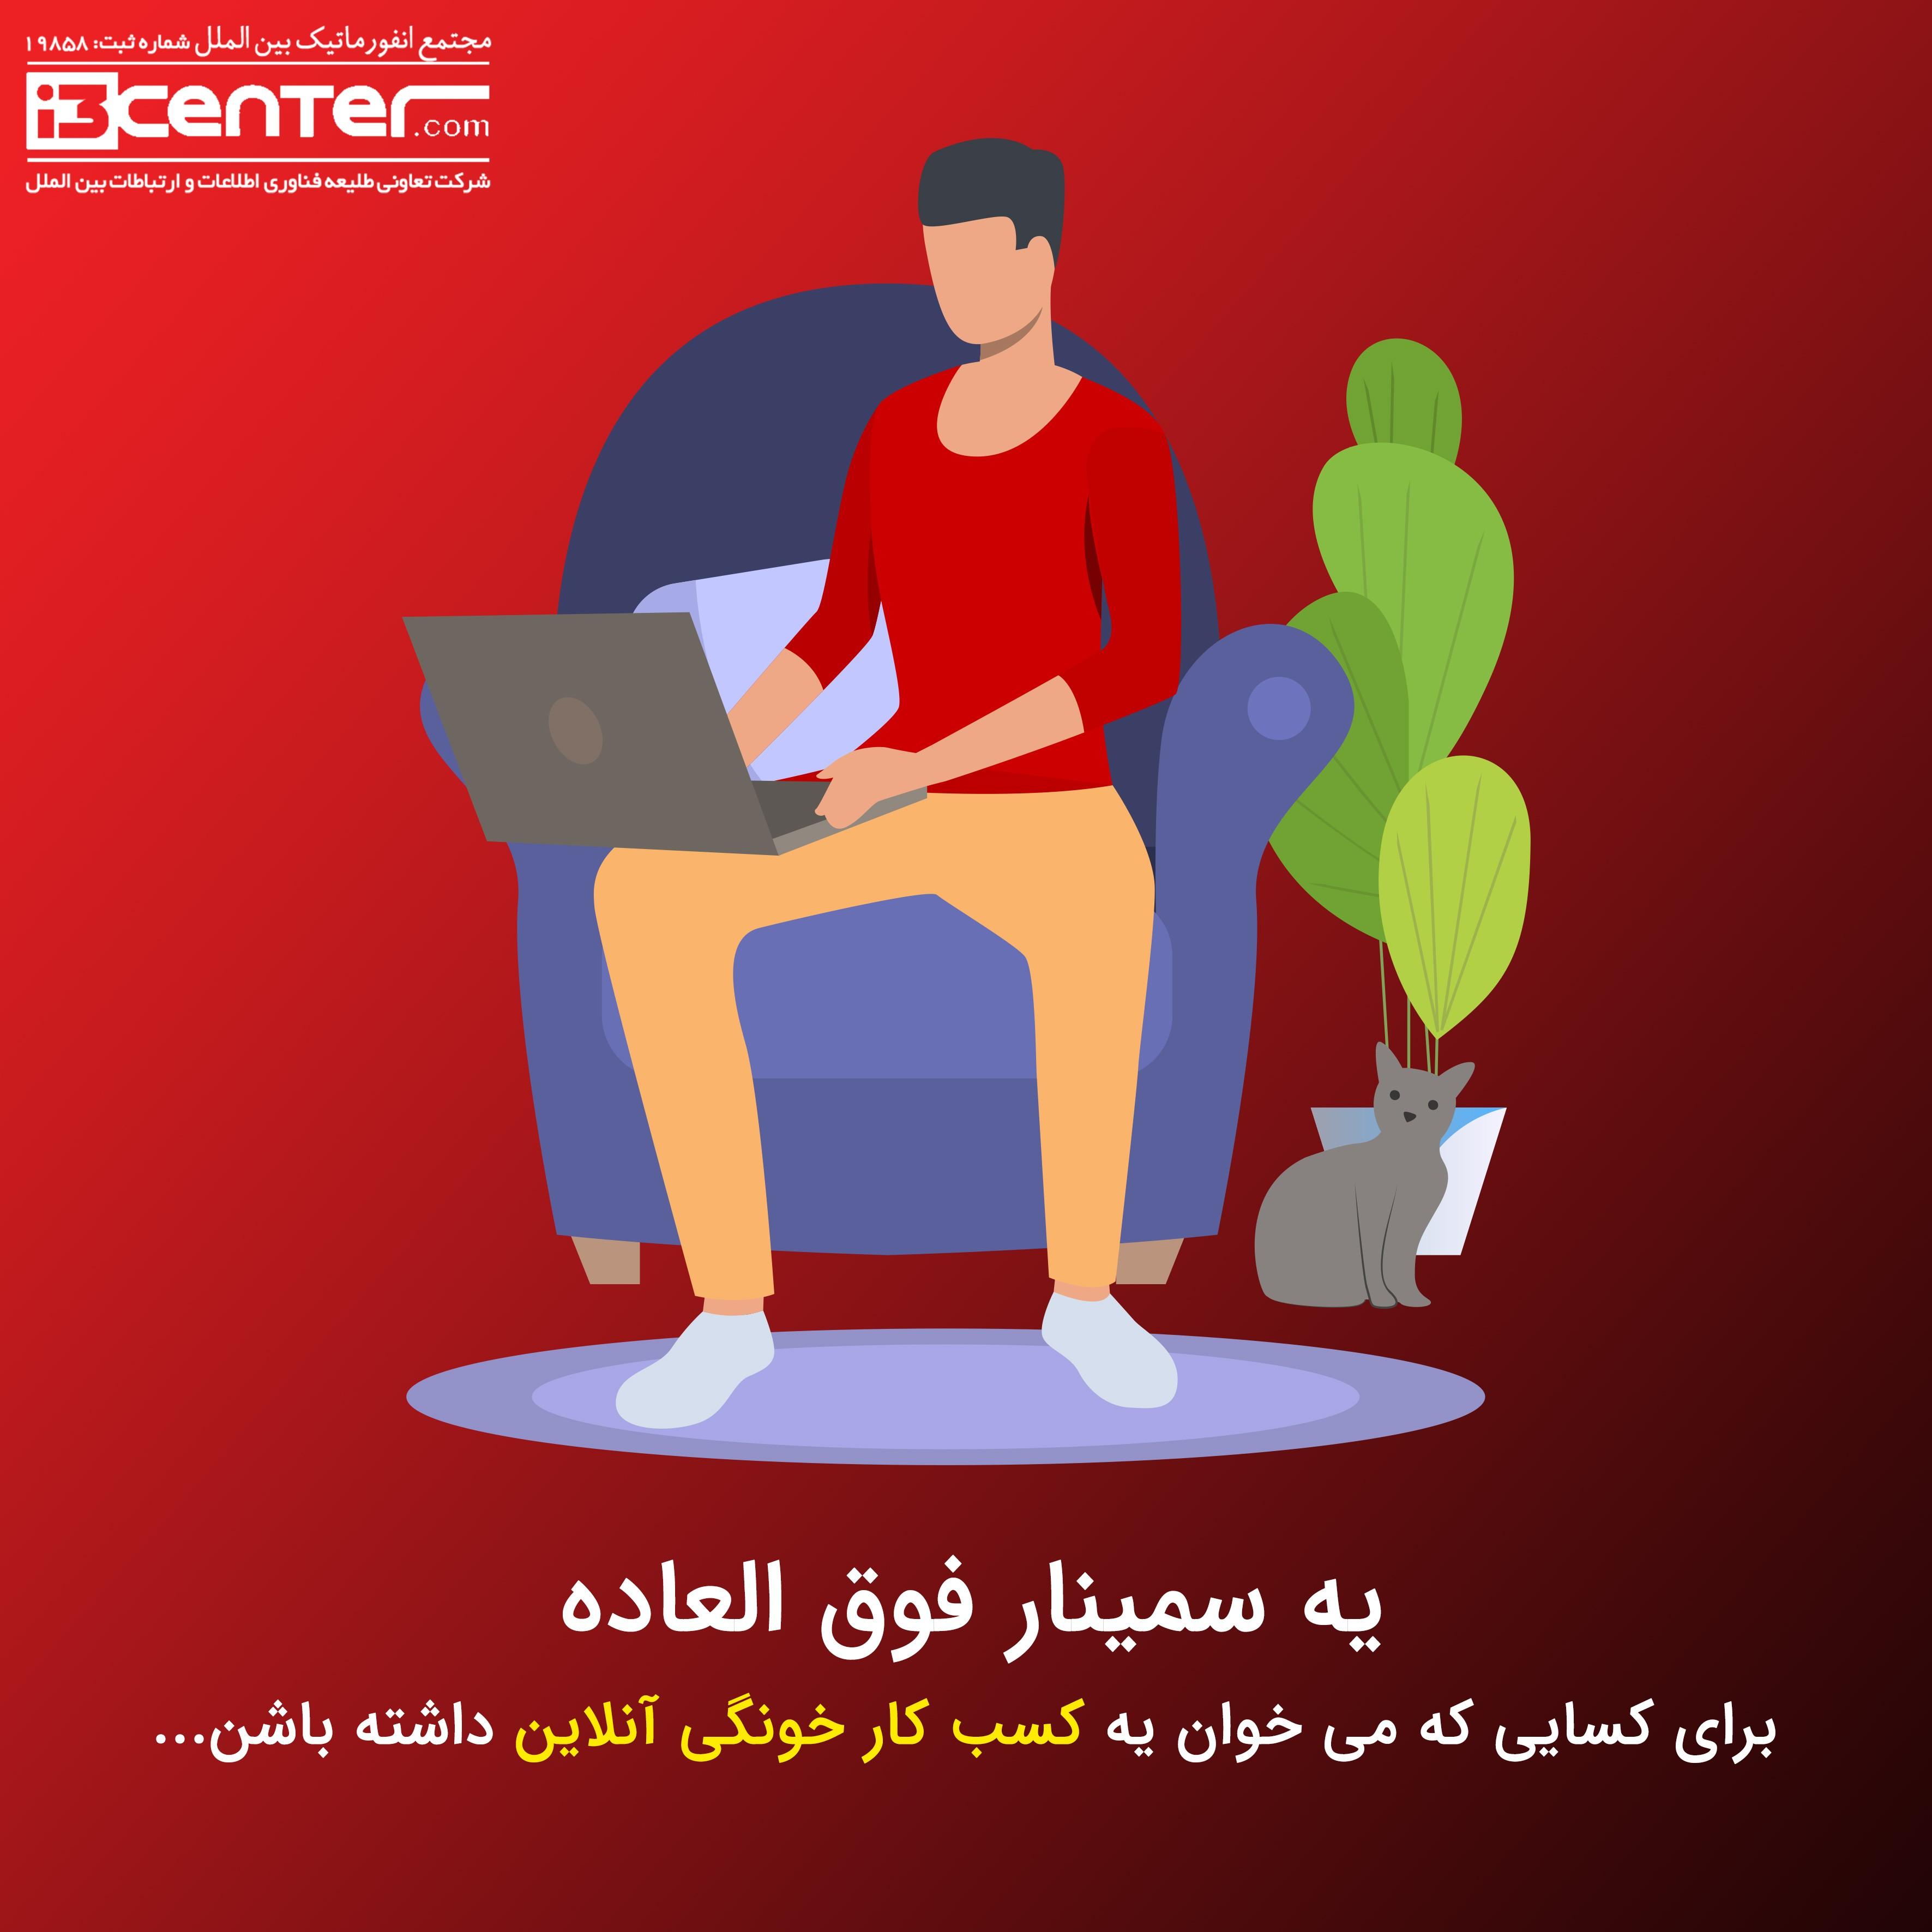 سمینار کسب و کار خانگی آنلاین